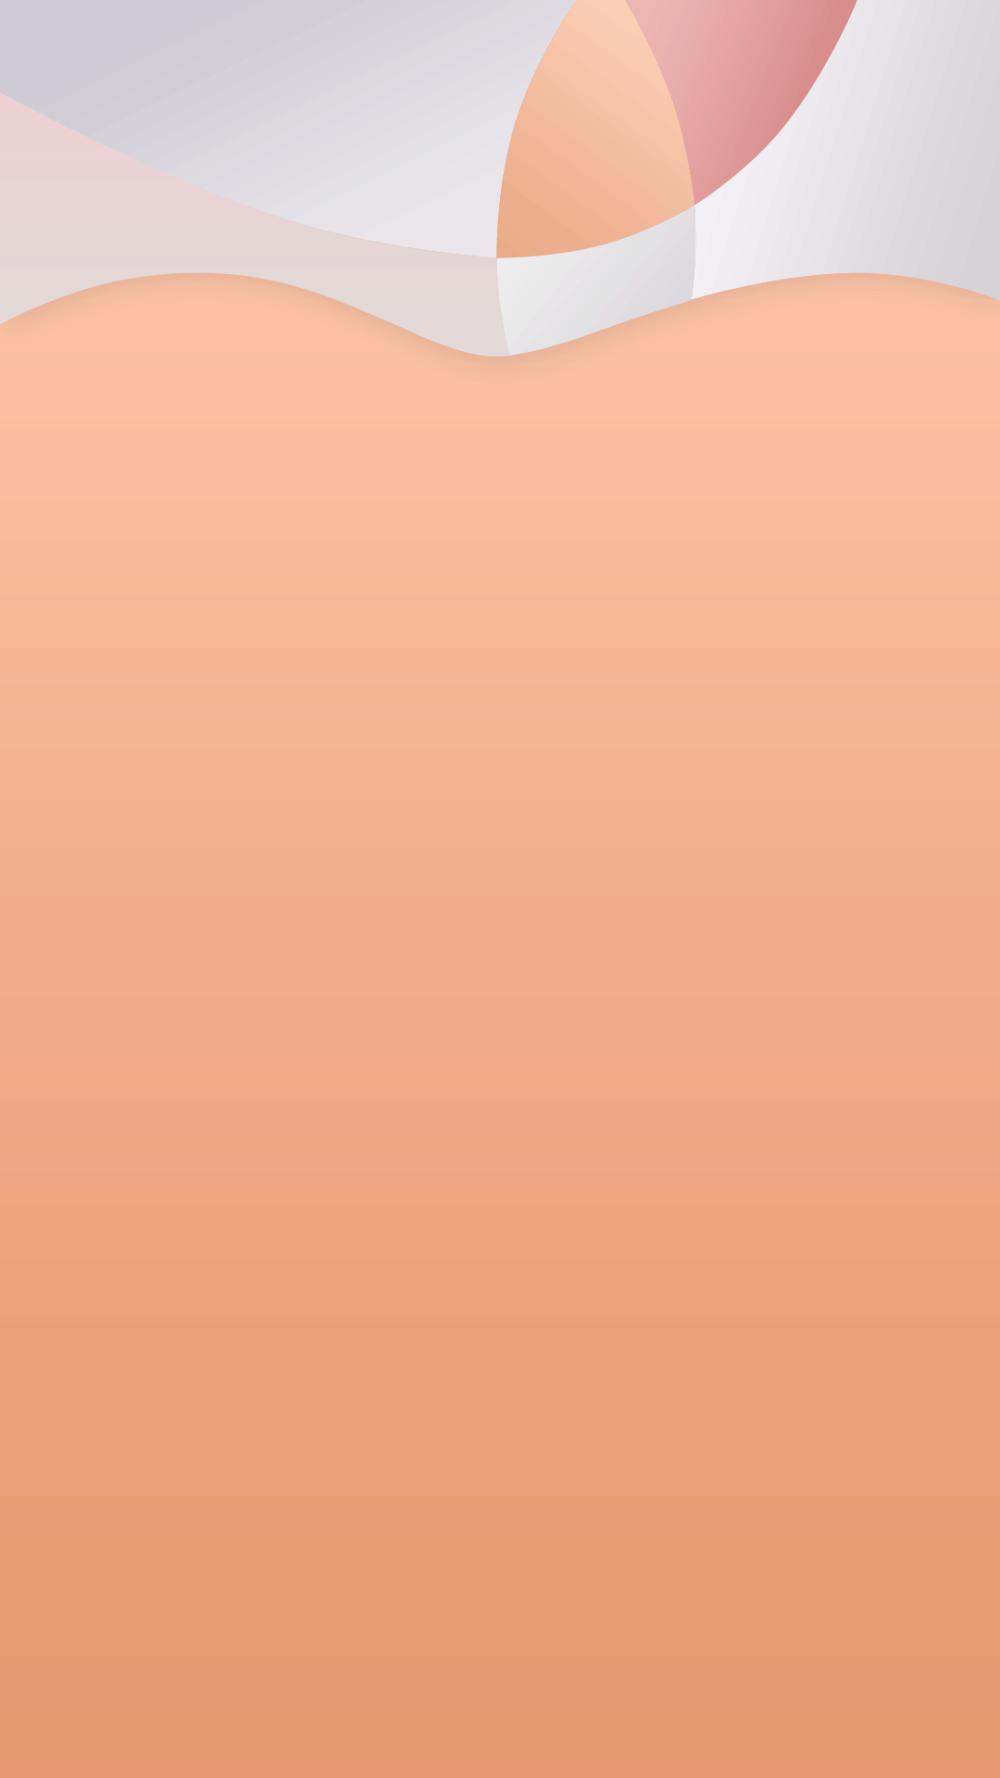 Apple Loop wallpaper iPhone (2)